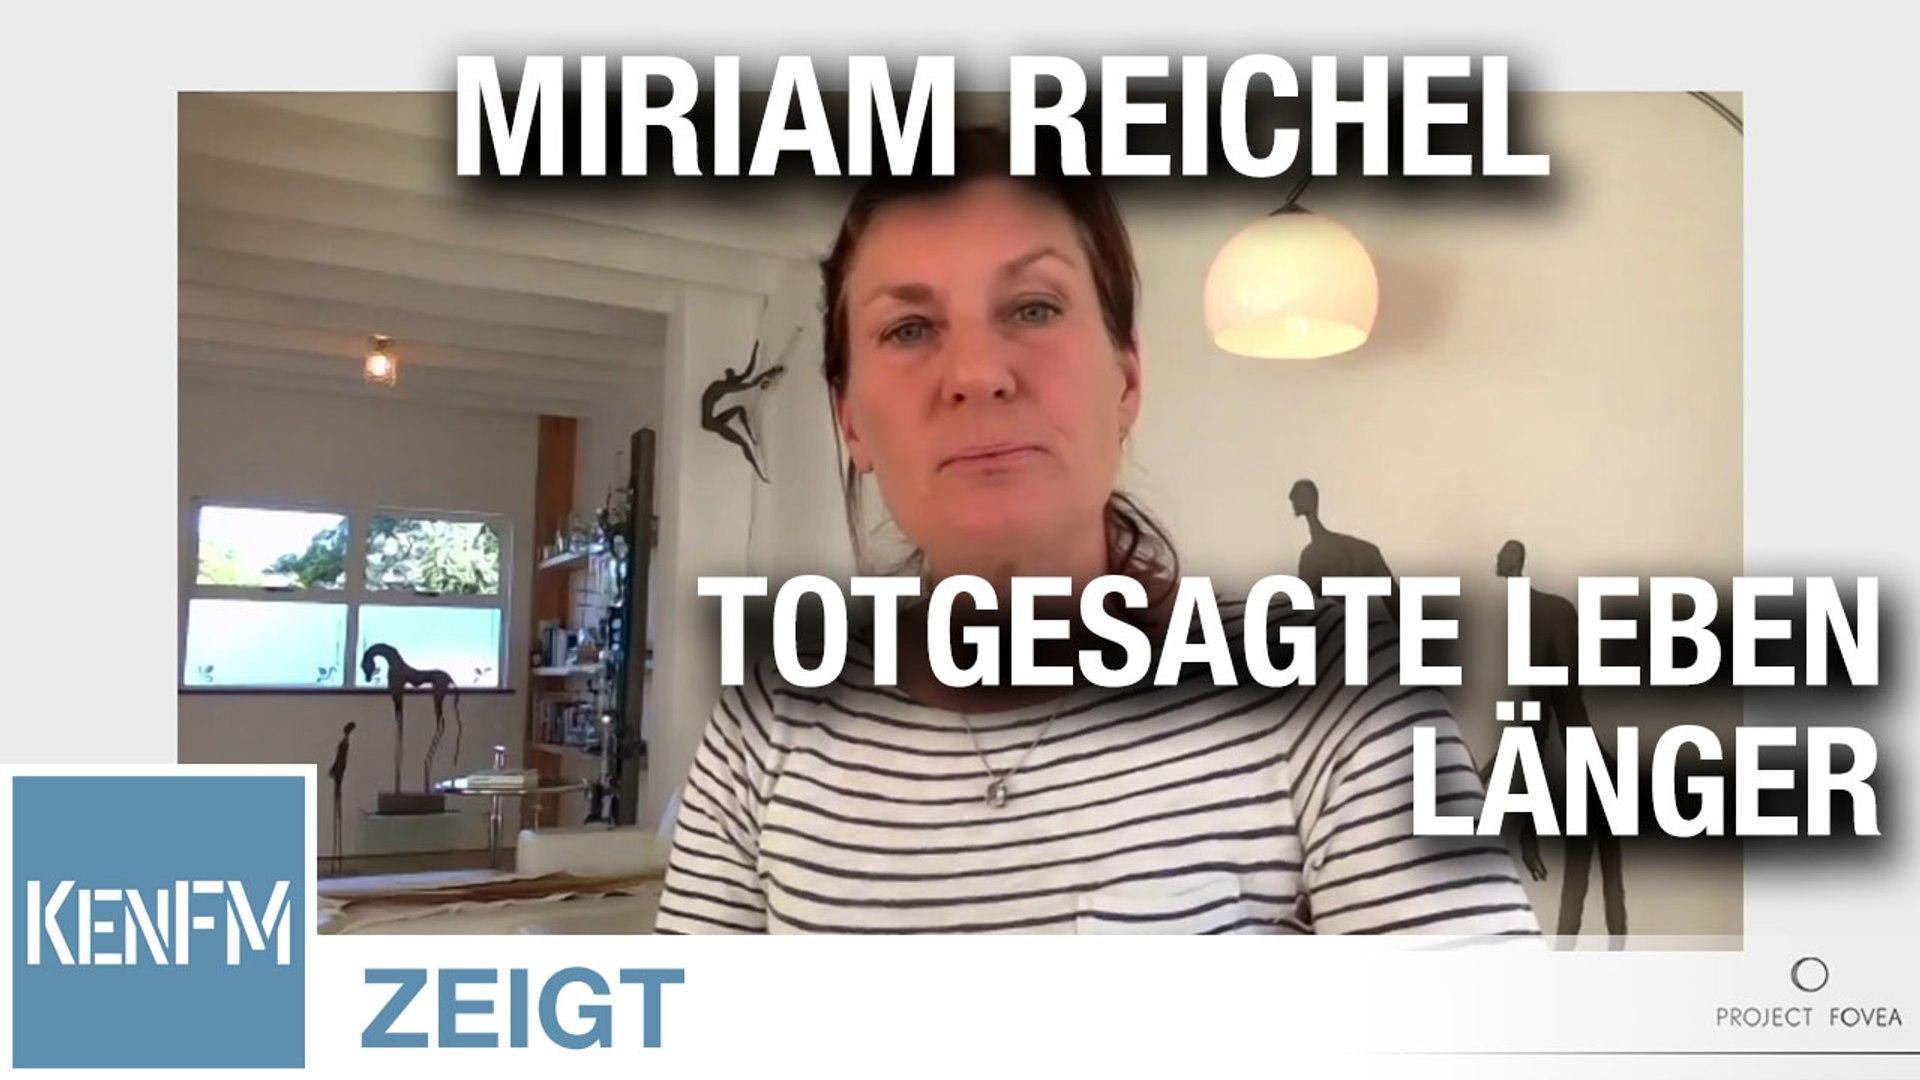 Totgesagte leben länger – Miriam Reichel